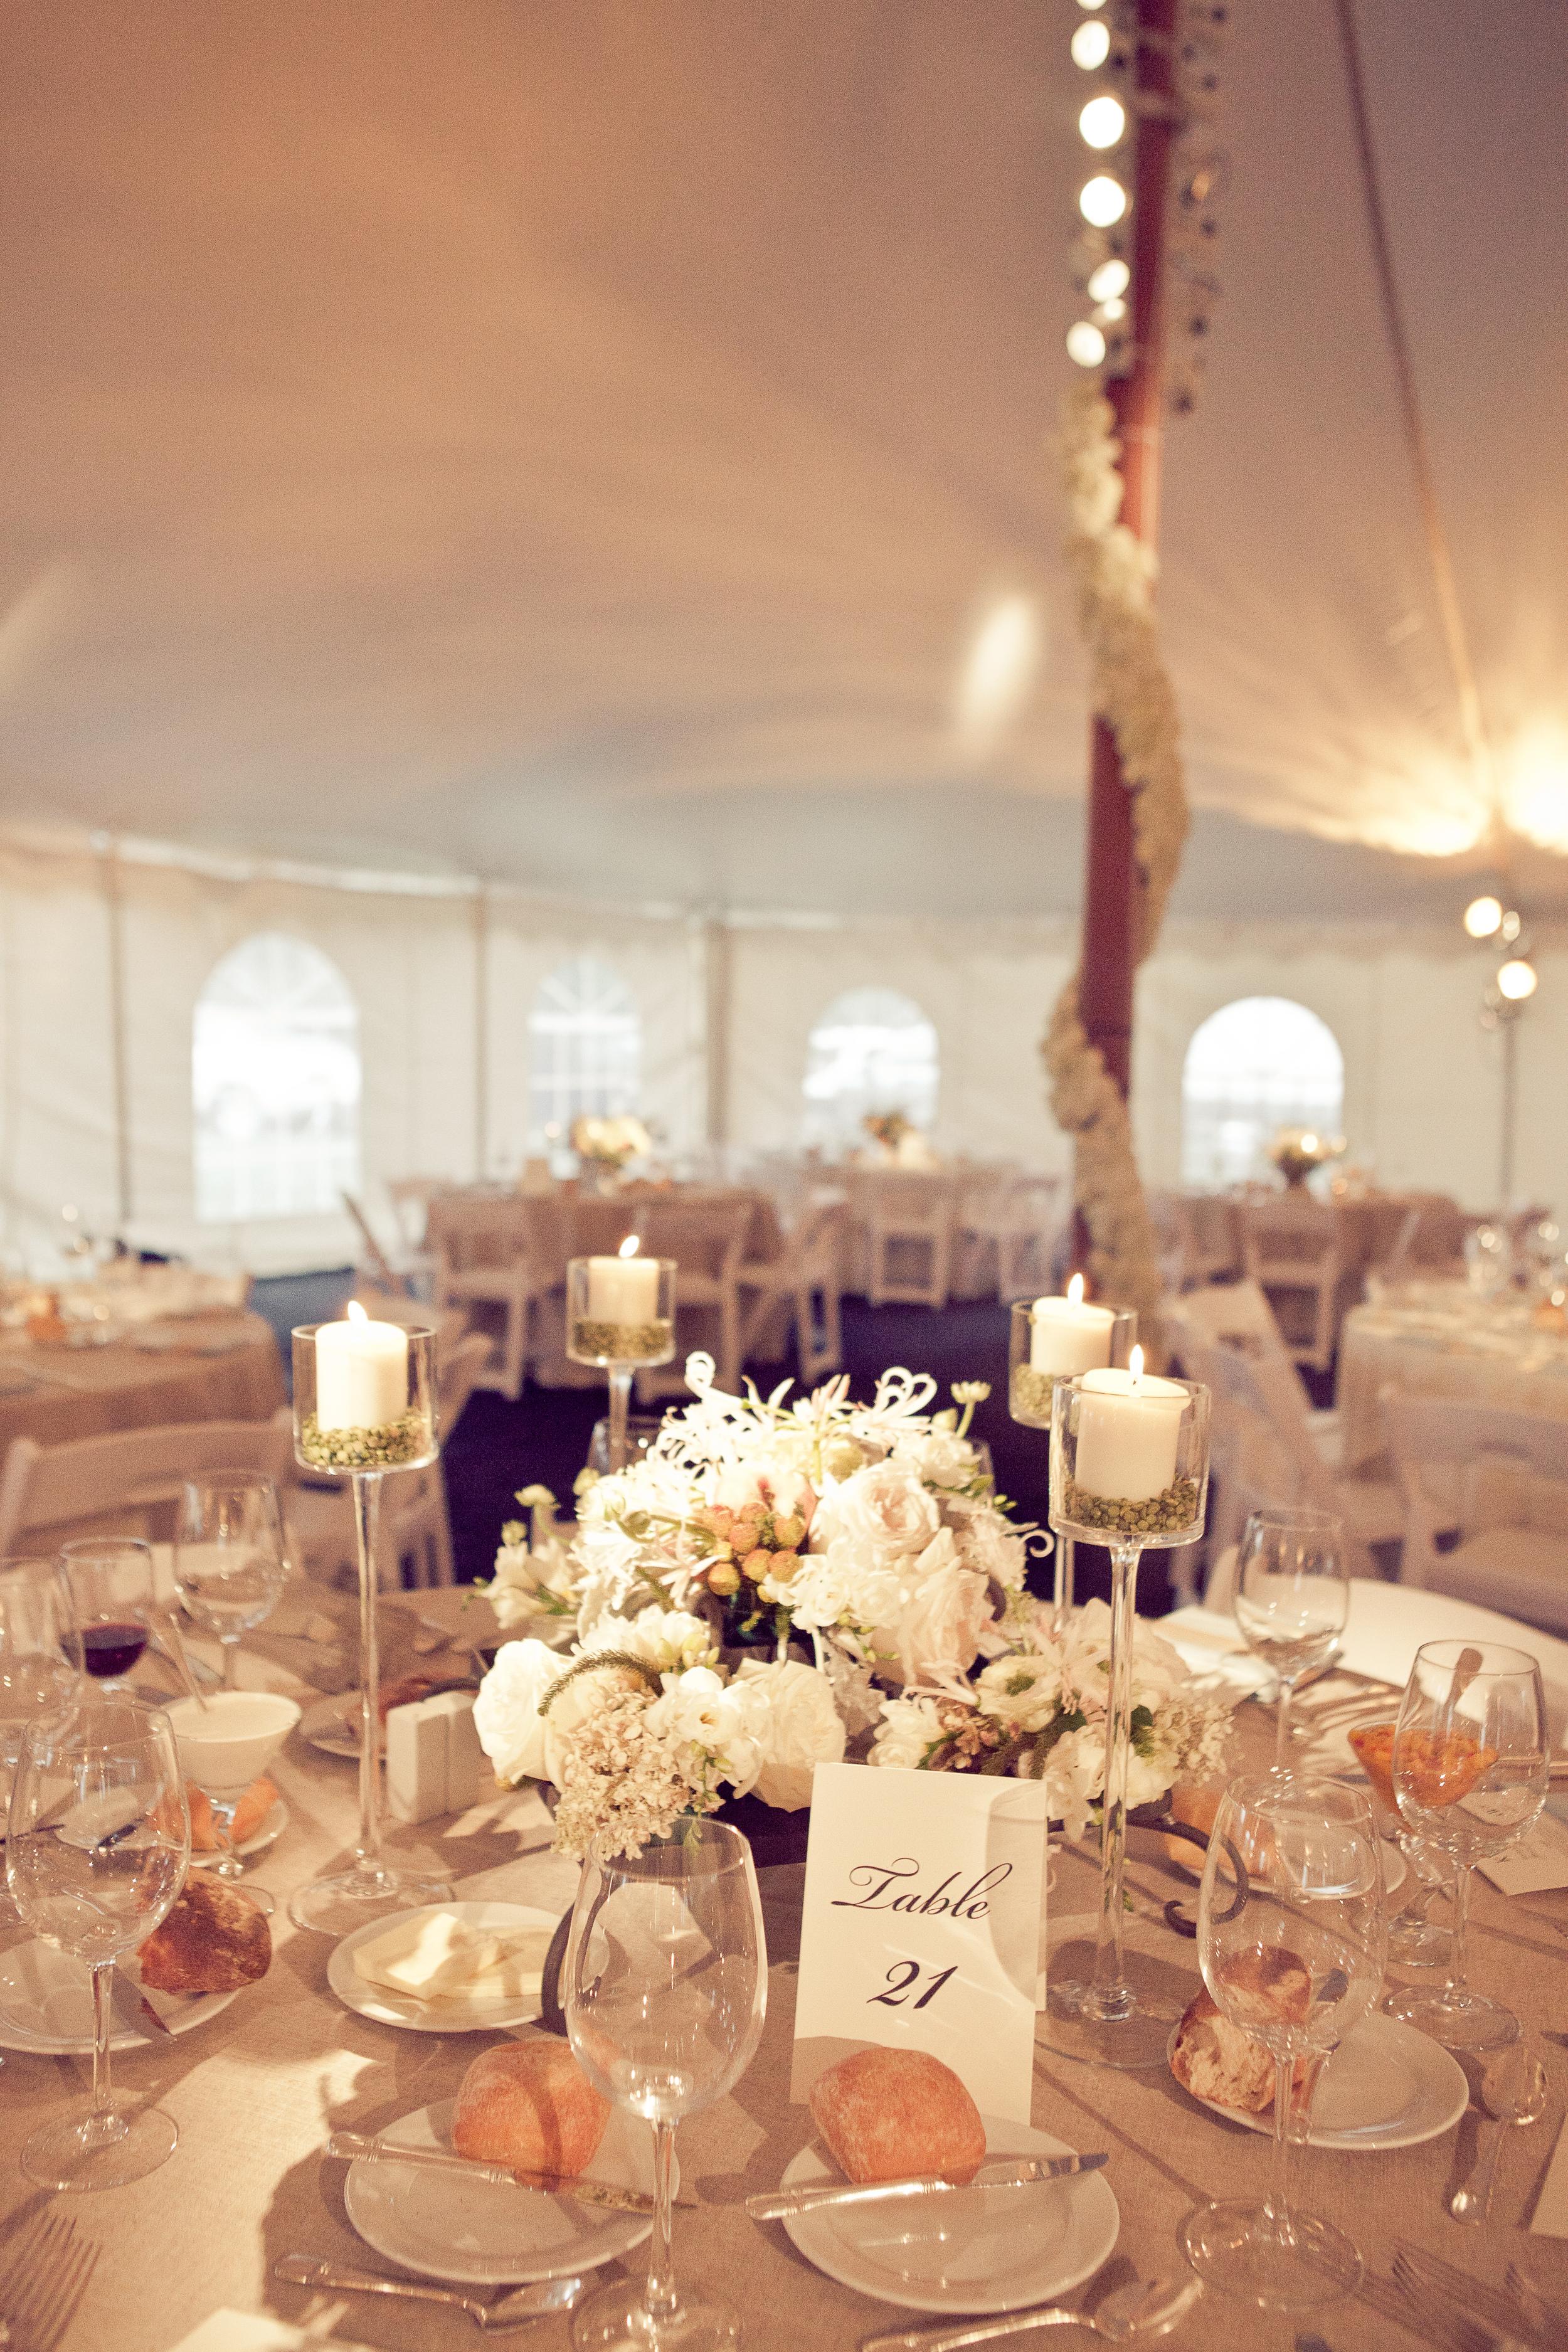 80x100 white wedding tent